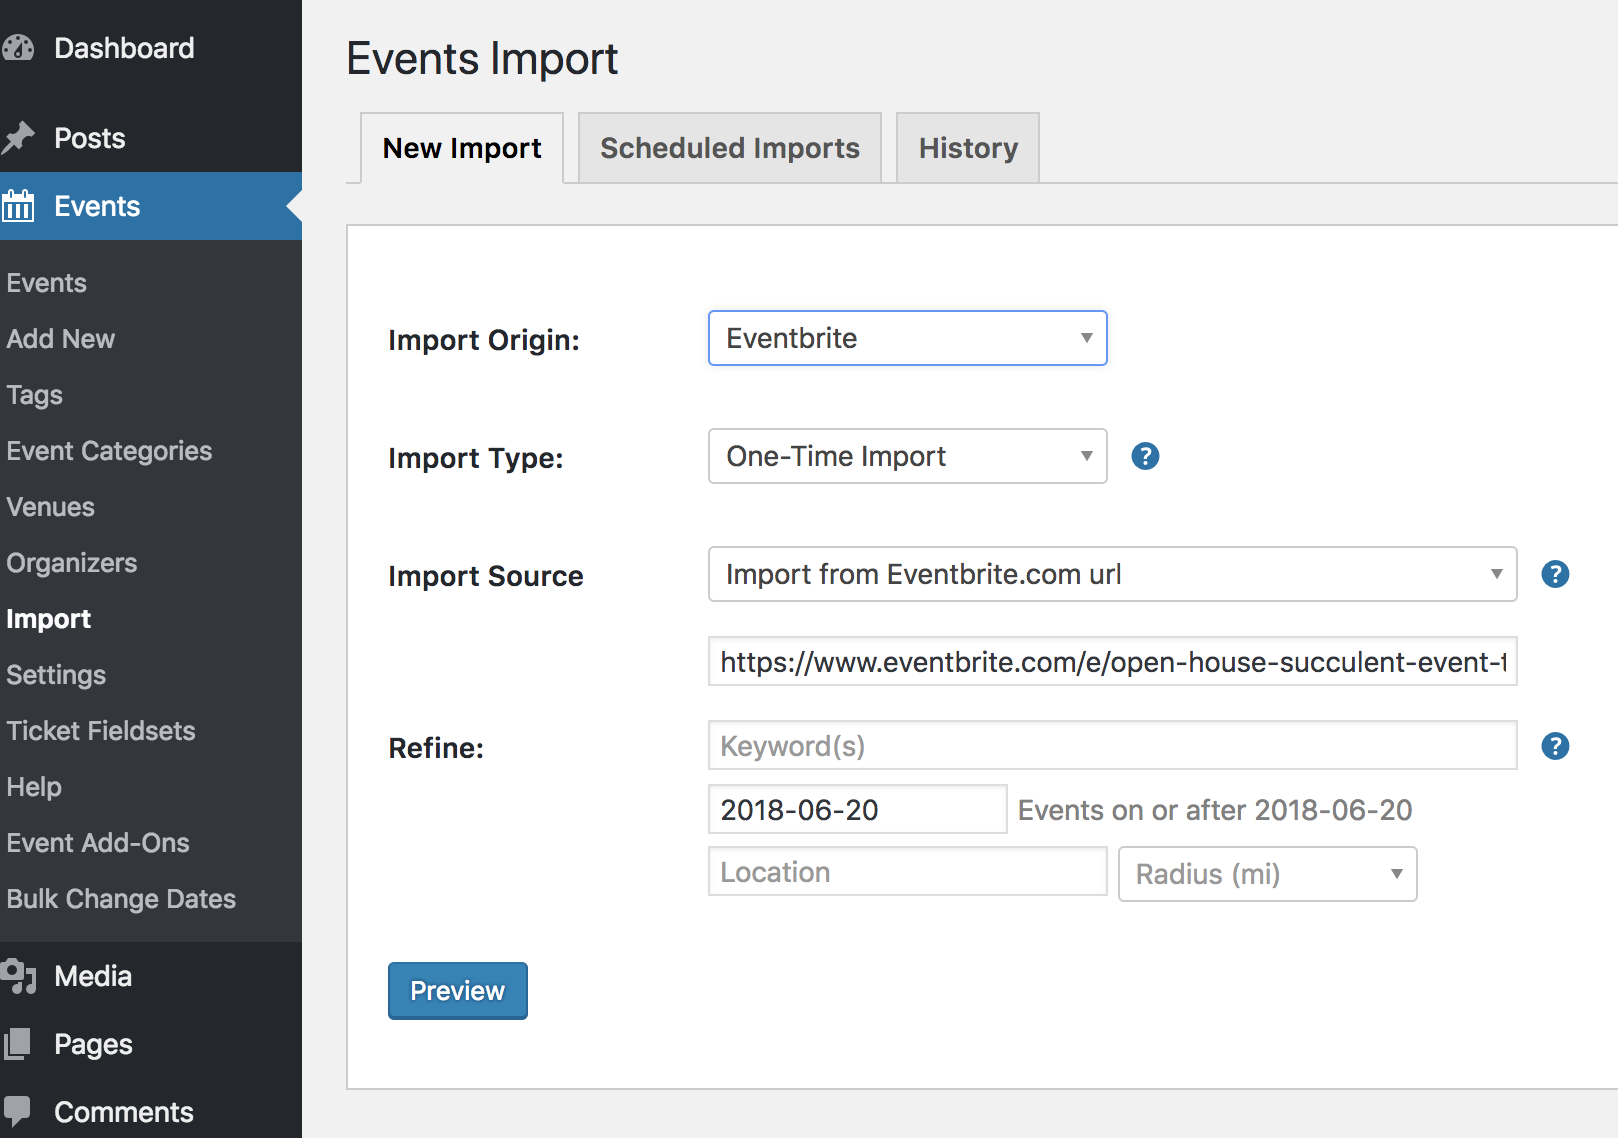 Eventbrite Import Origin